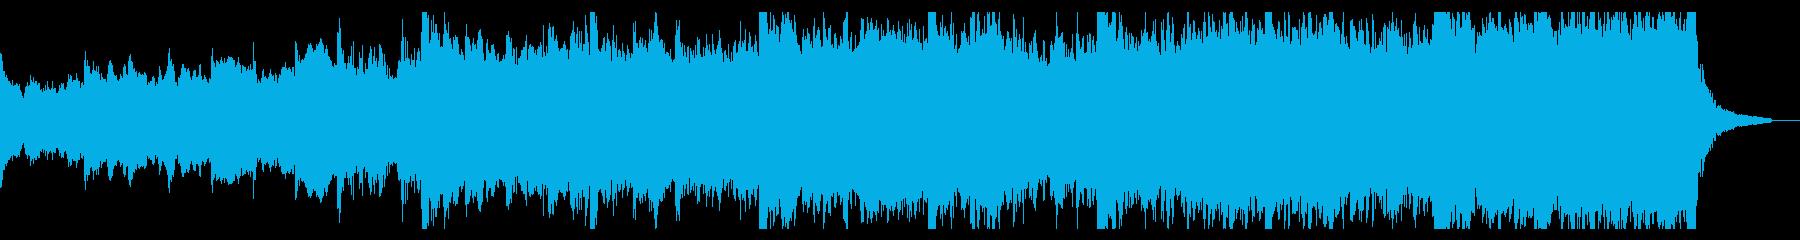 強力で感情的なオーケストラキュー。...の再生済みの波形